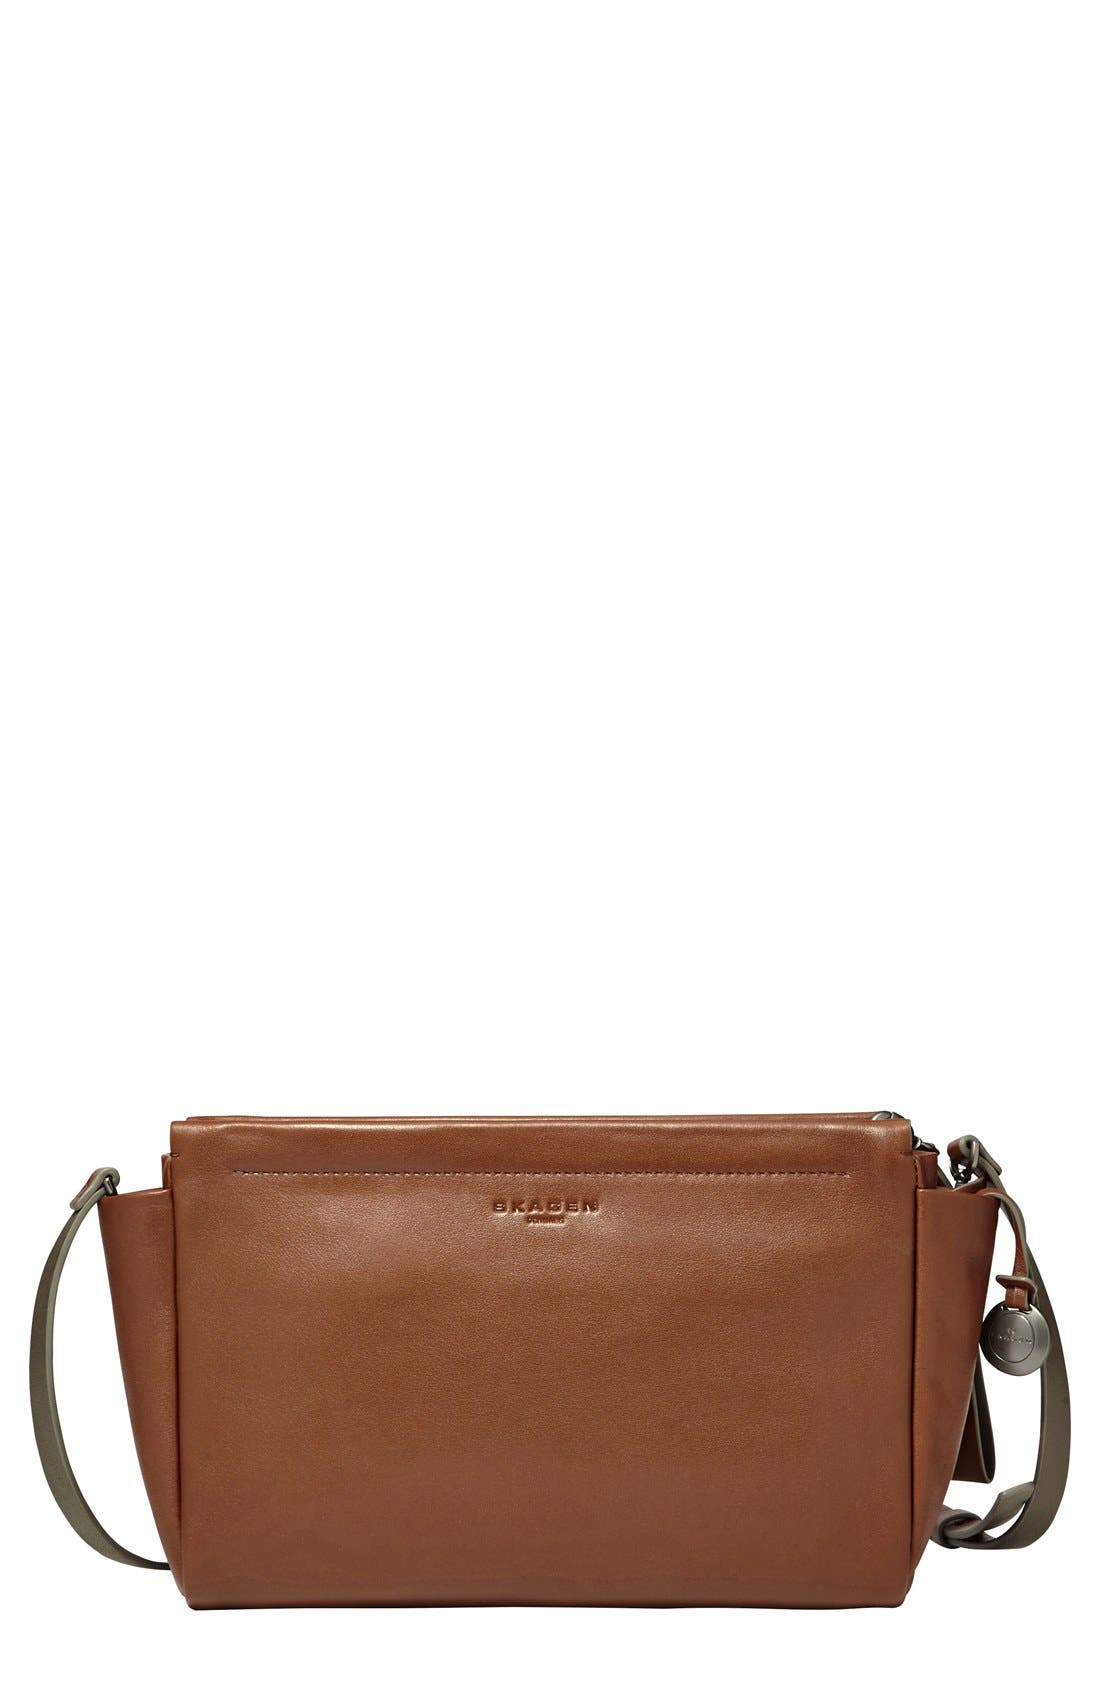 Alternate Image 2  - Skagen 'Dorte' Convertible Crossbody Bag